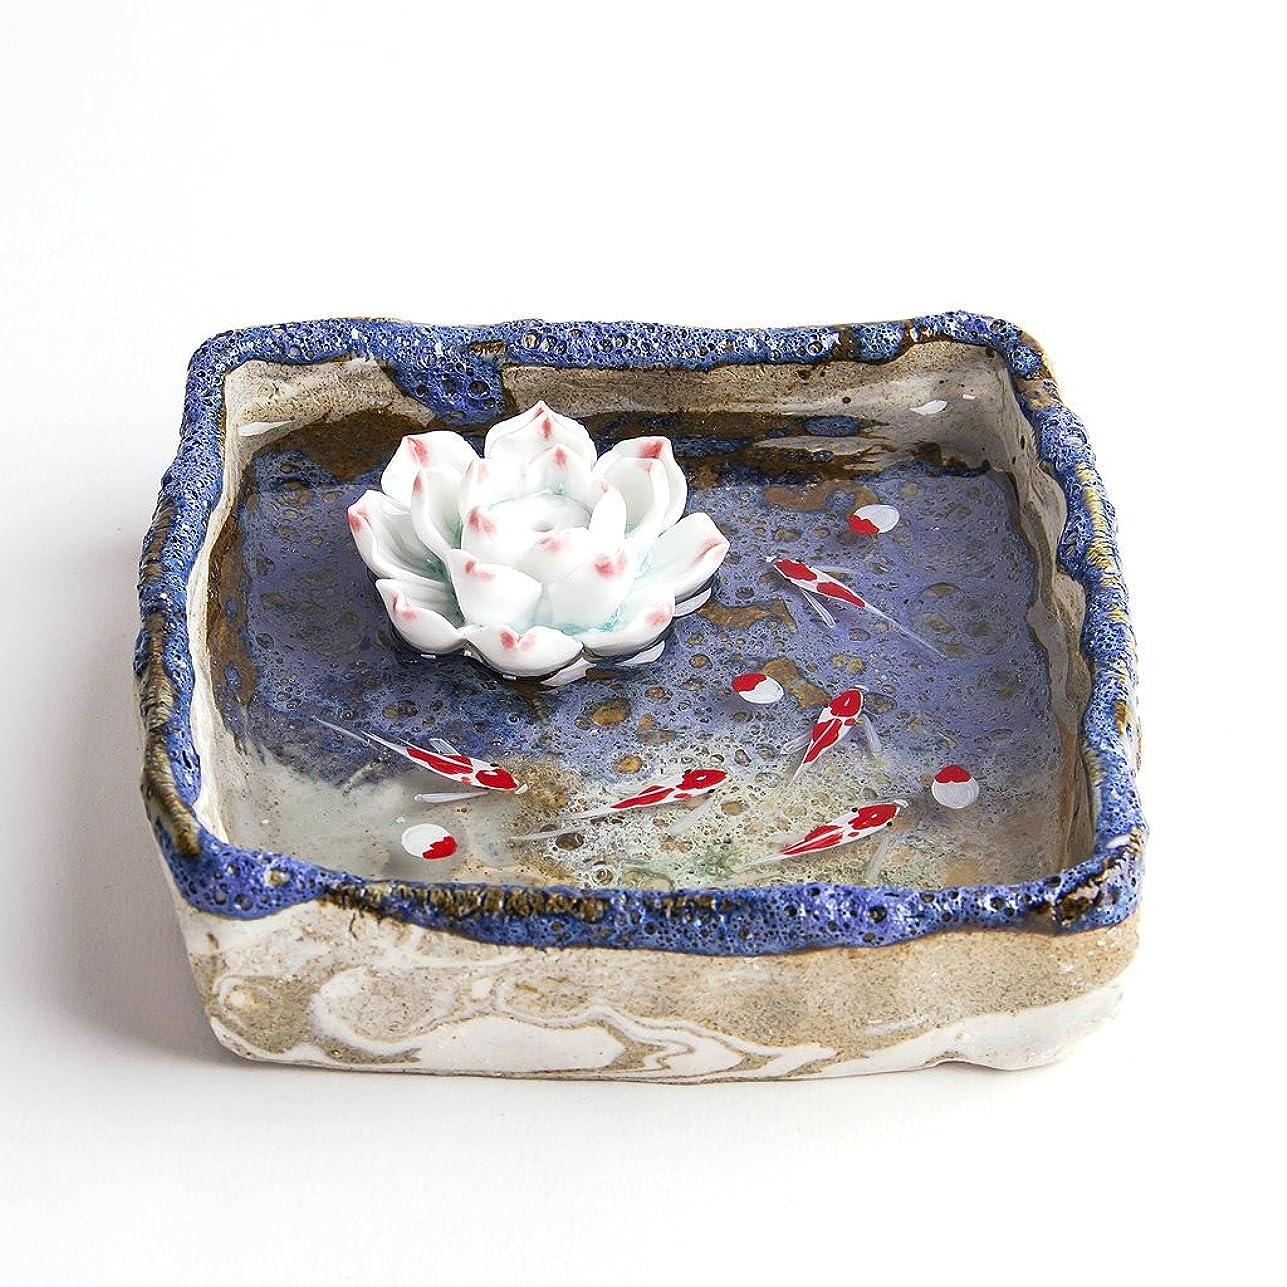 バングラデシュオンス依存するお香立て お香たて 香の器 お香を焚いて 香皿,陶磁器、ブルー